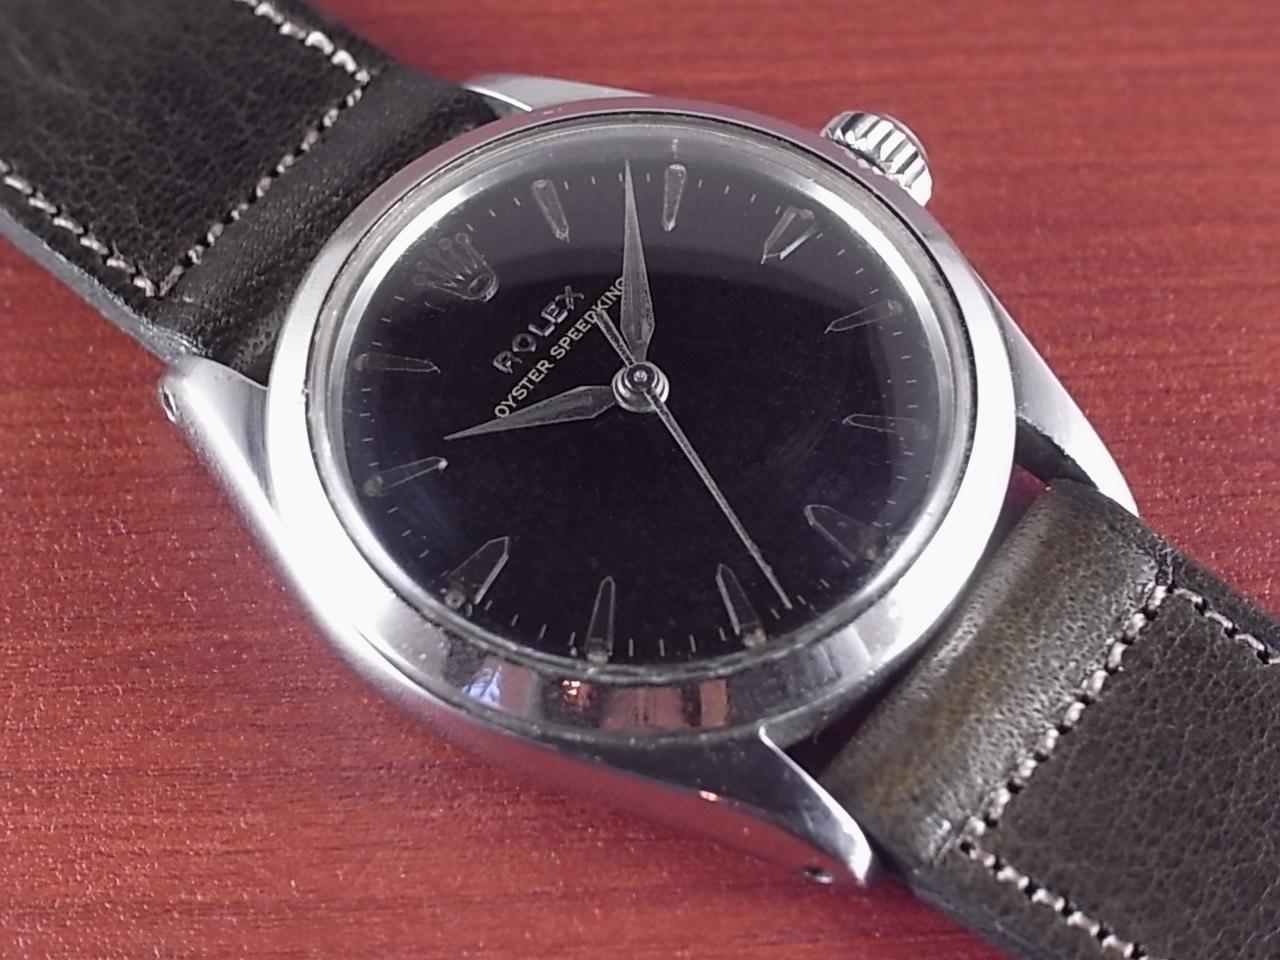 ロレックス スピードキング Ref.6430 ブラックミラー ボーイズサイズ 1960年代のメイン写真